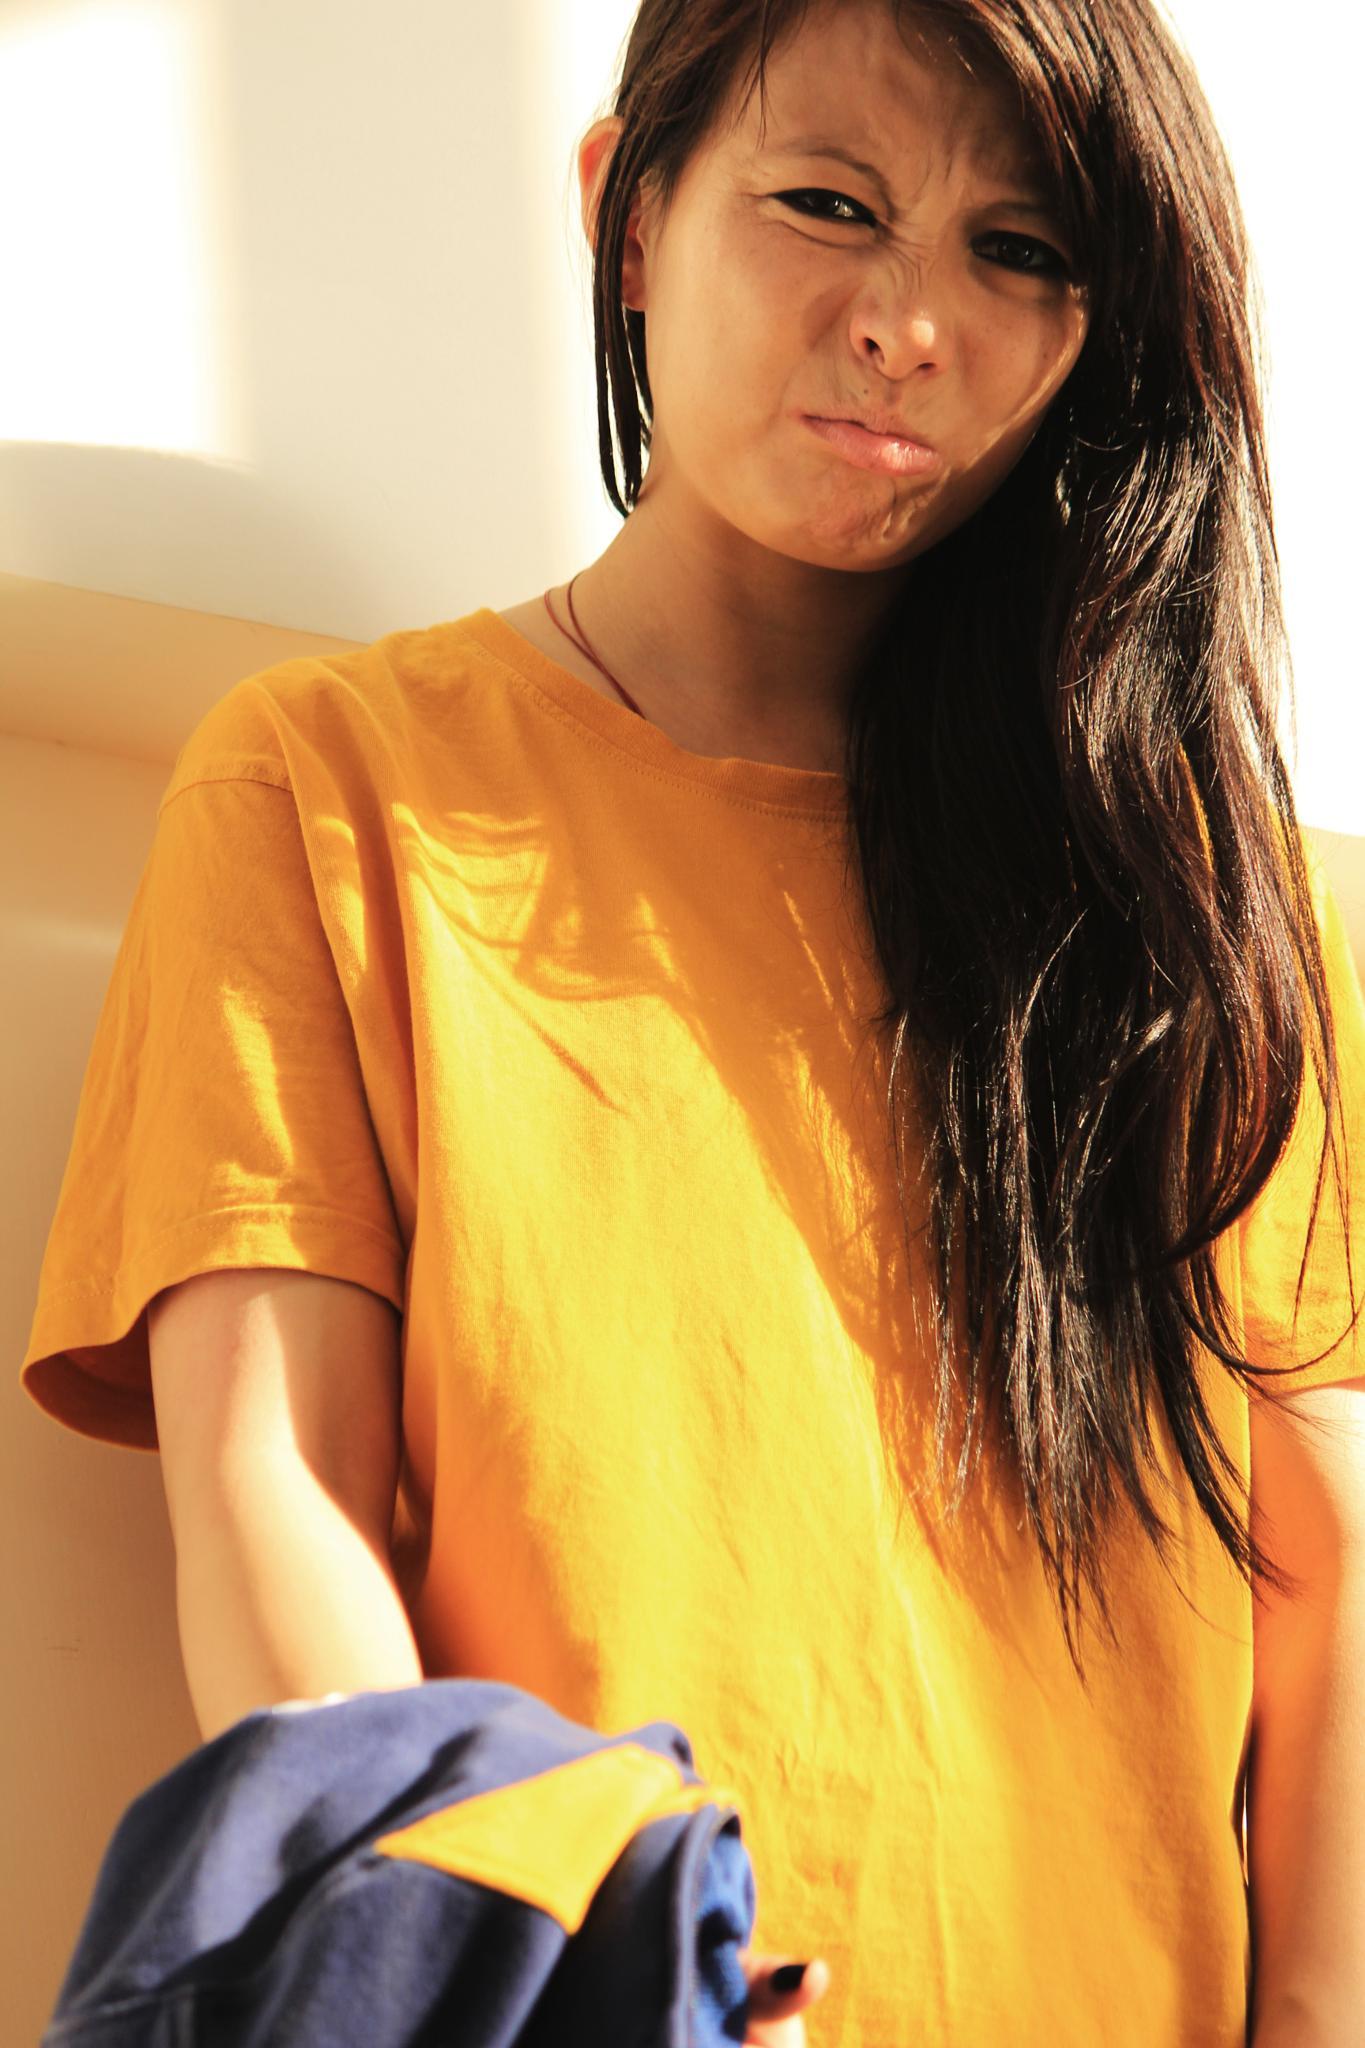 Yellow sunshine! by Rinchen Dawa Wangdi Yontan